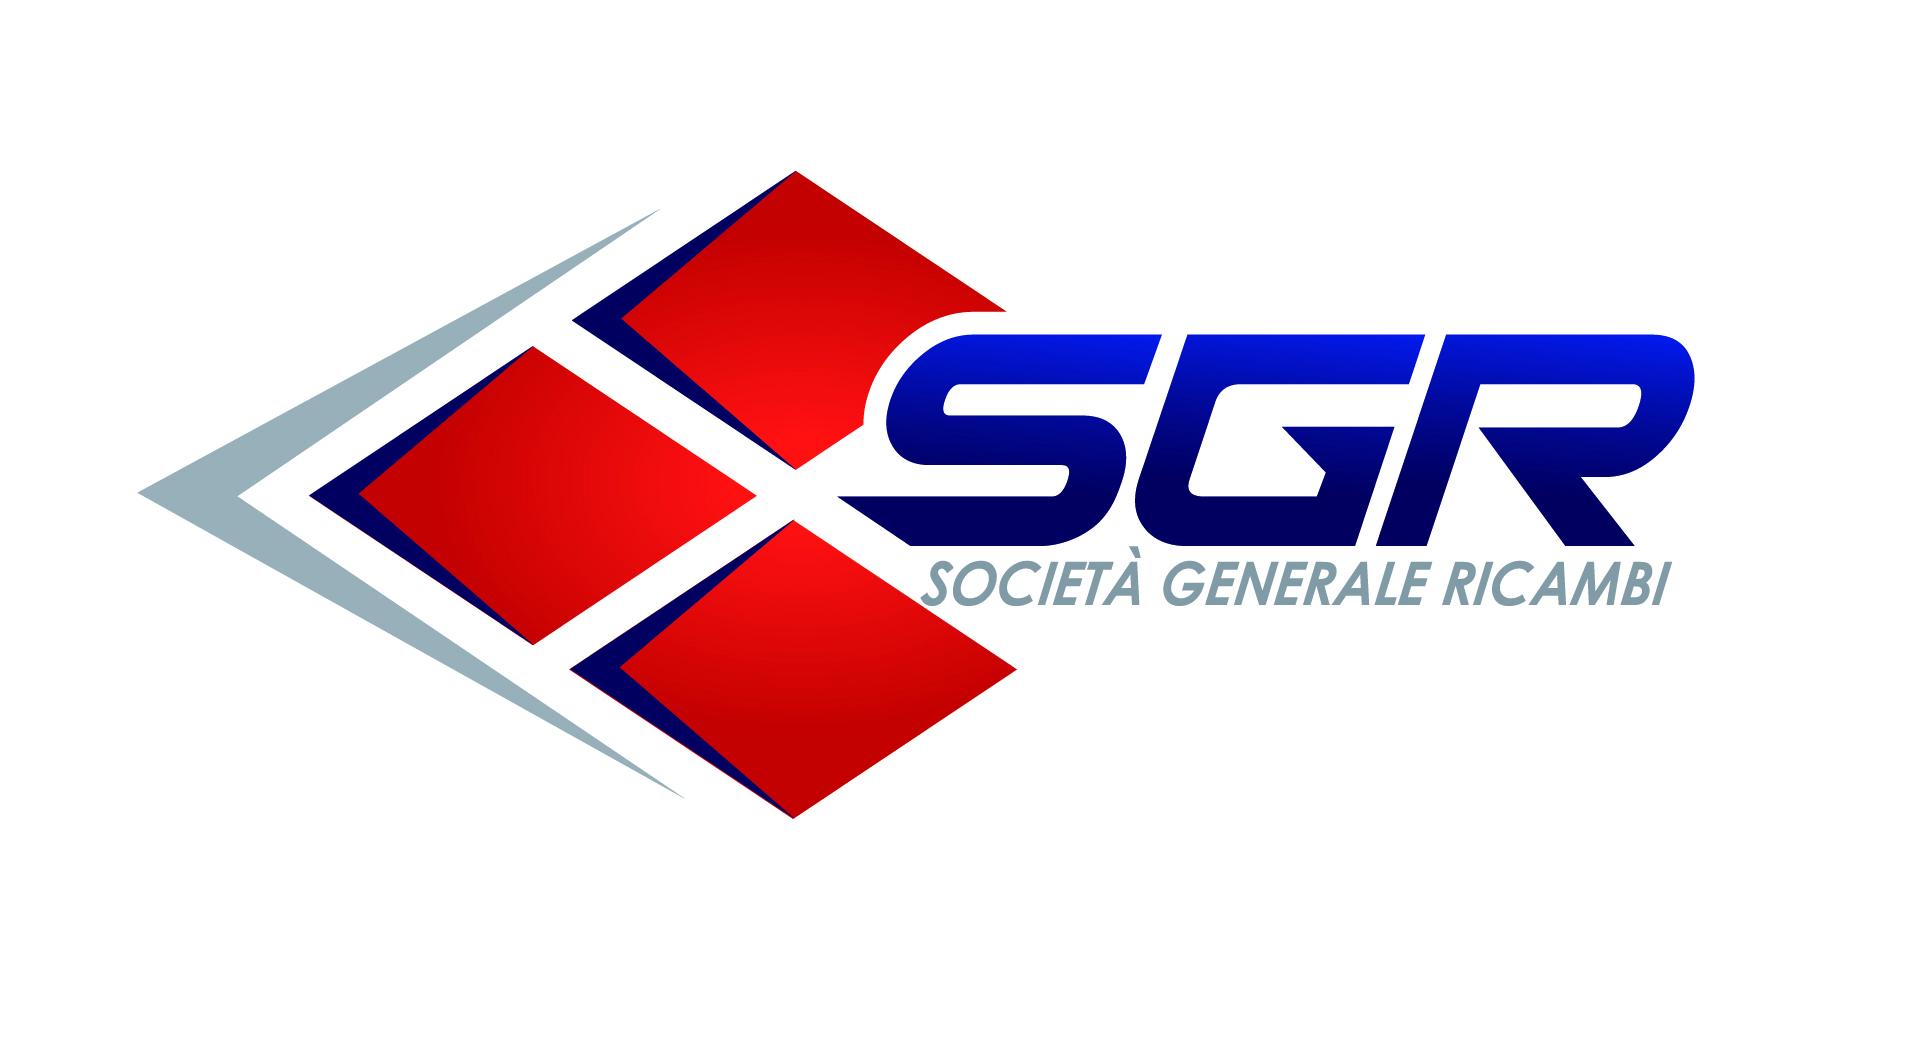 A im-possible la comunicazione Società Generale Ricambi